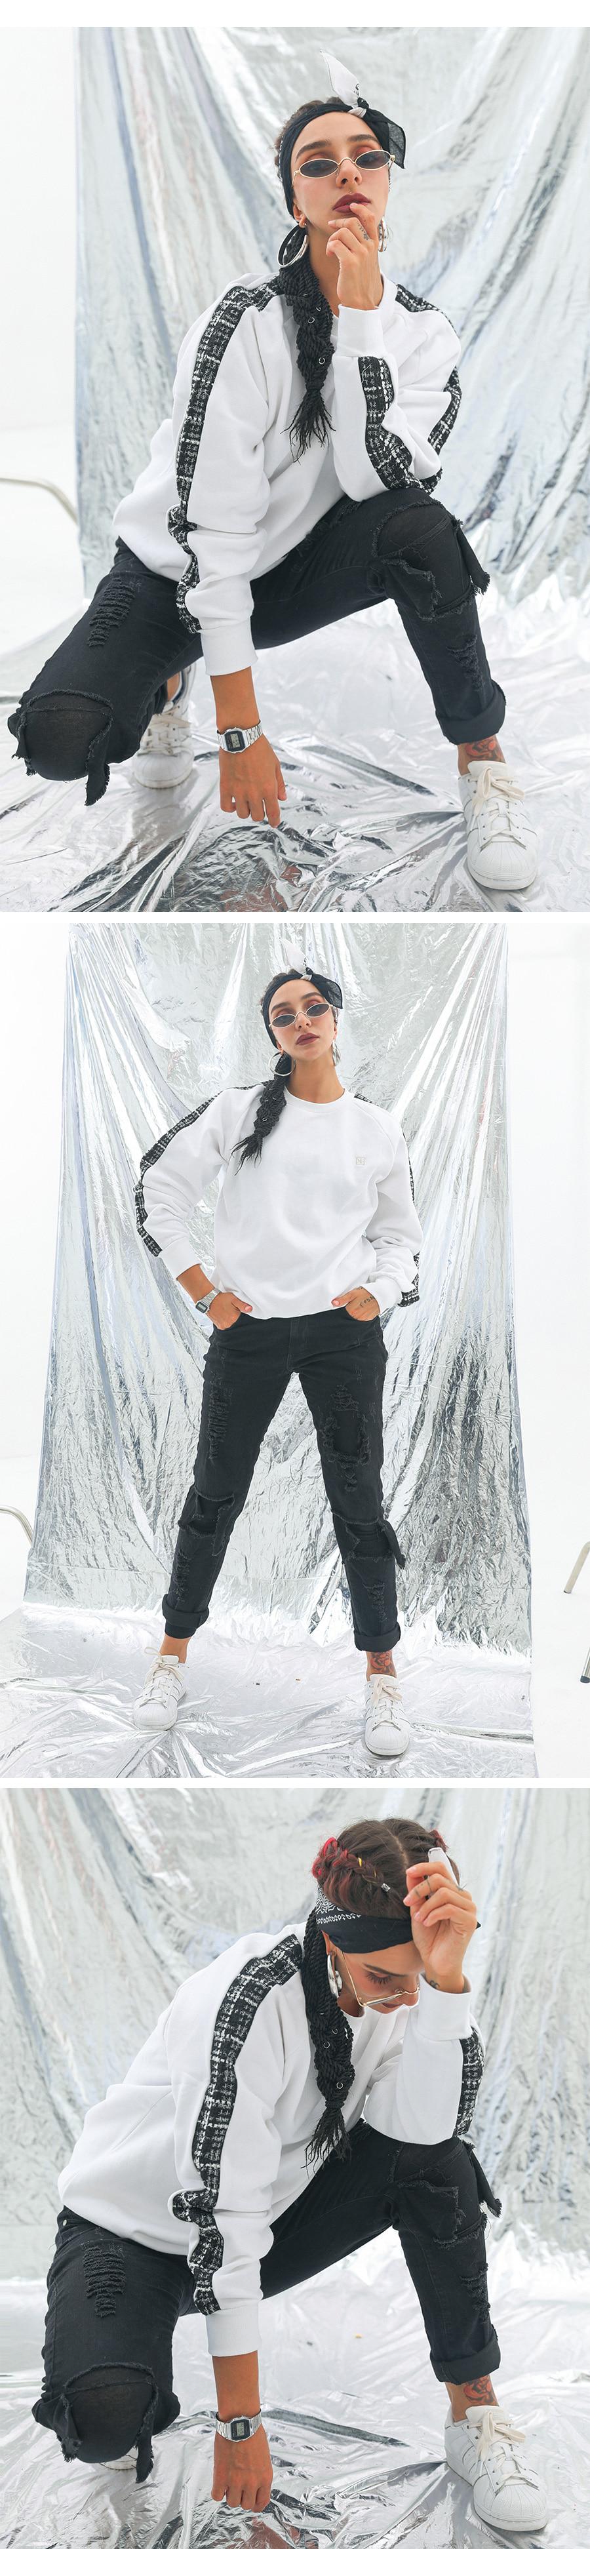 BBD-Tweed-Sweatshirts-Ver_1-%28White%29-2.jpg